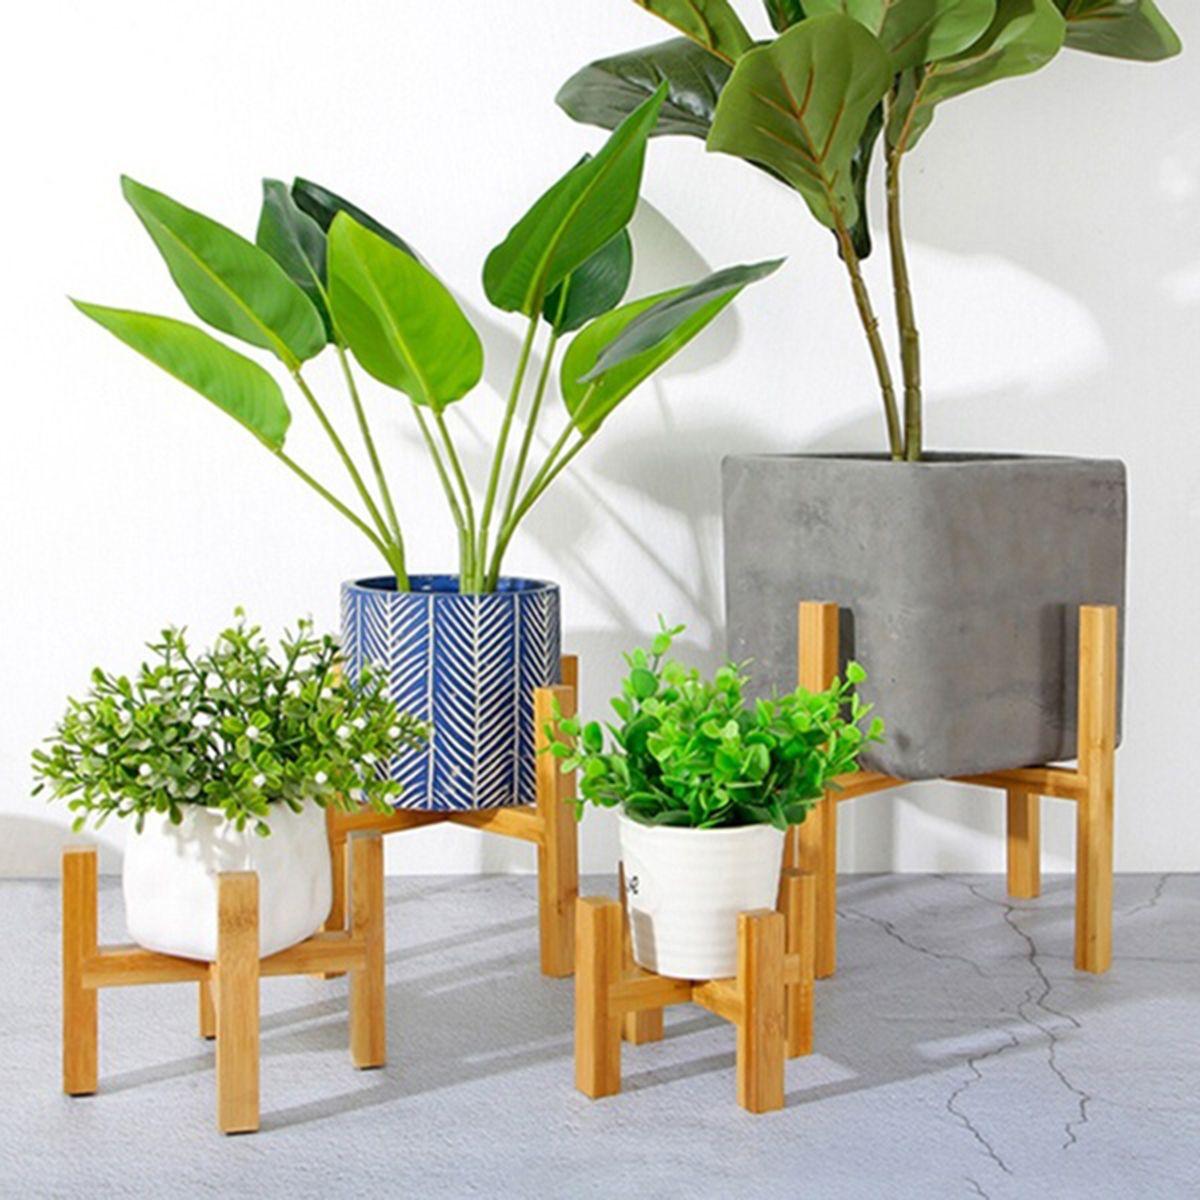 بوعاء النباتات الوقوف منتصف القرن الحديثة حامل مصنع قابل للتعديل في اناء للزهور العصارة الزهور أو الشموع شحن مجاني